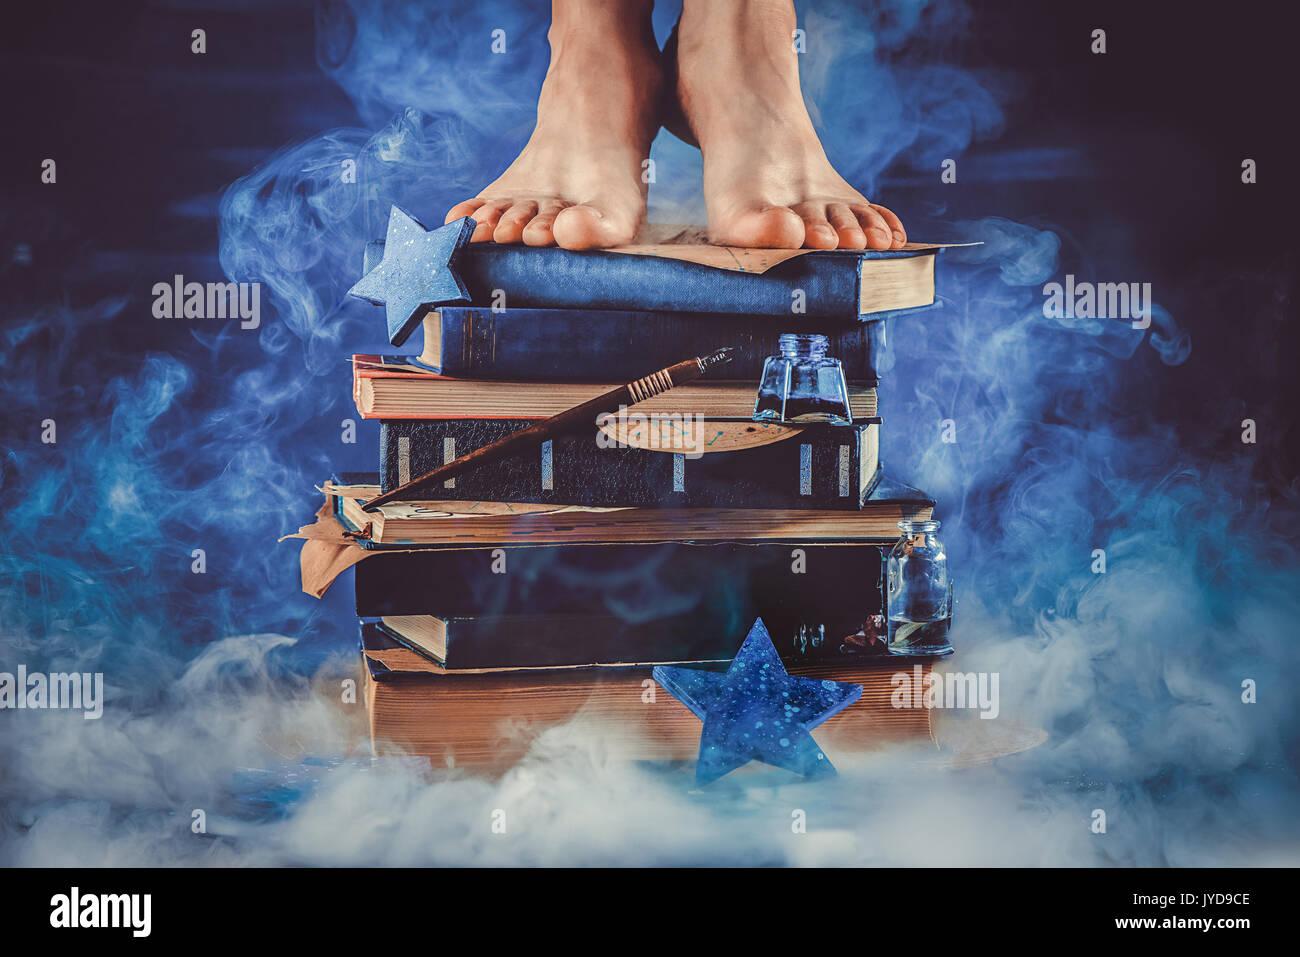 Zicklein stehend auf einem Stapel Bücher mitten in einer Wolke von Rauch. Dunkle noch Leben in Blautönen. Bildung Metapher. Stockbild